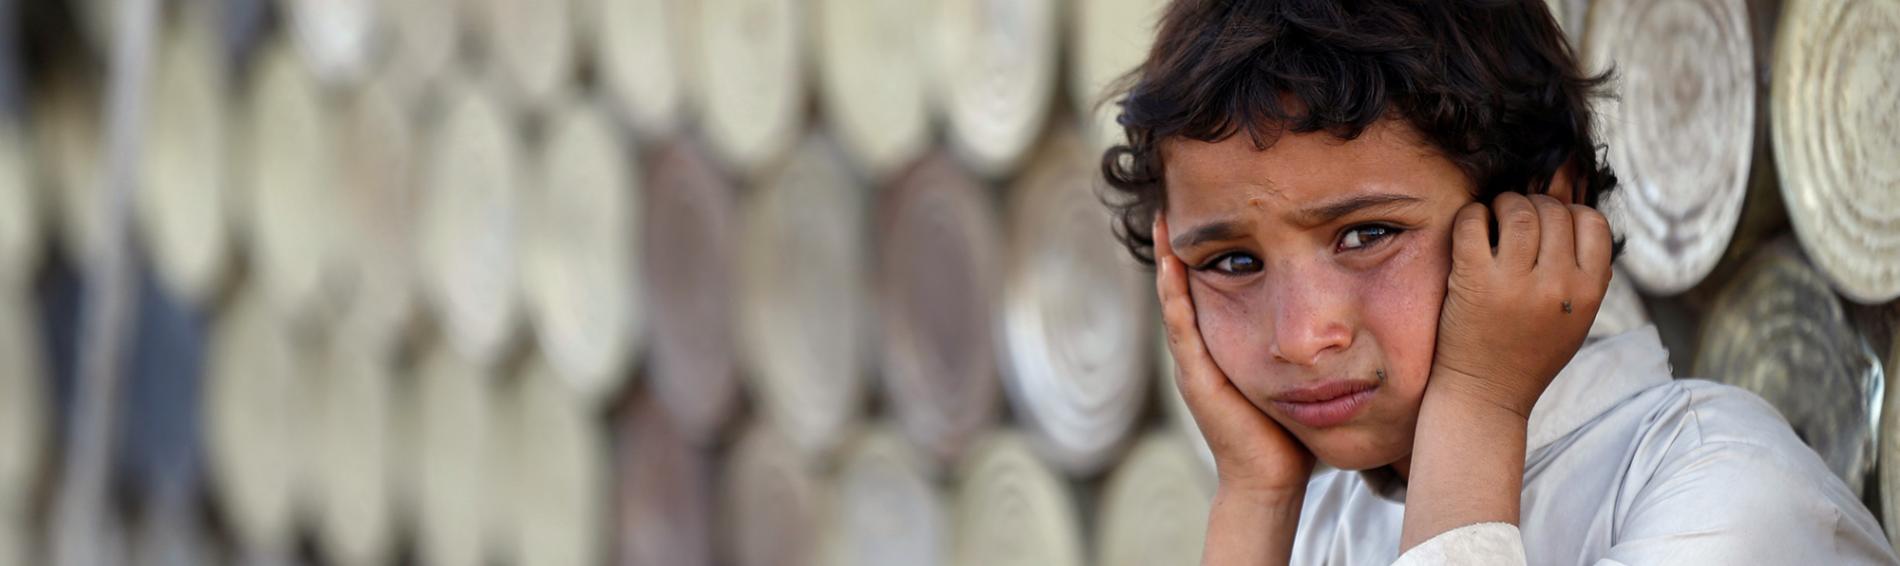 Kinder sind vom jahrelangen Krieg und der damit verbundenen Not besonders betroffen.